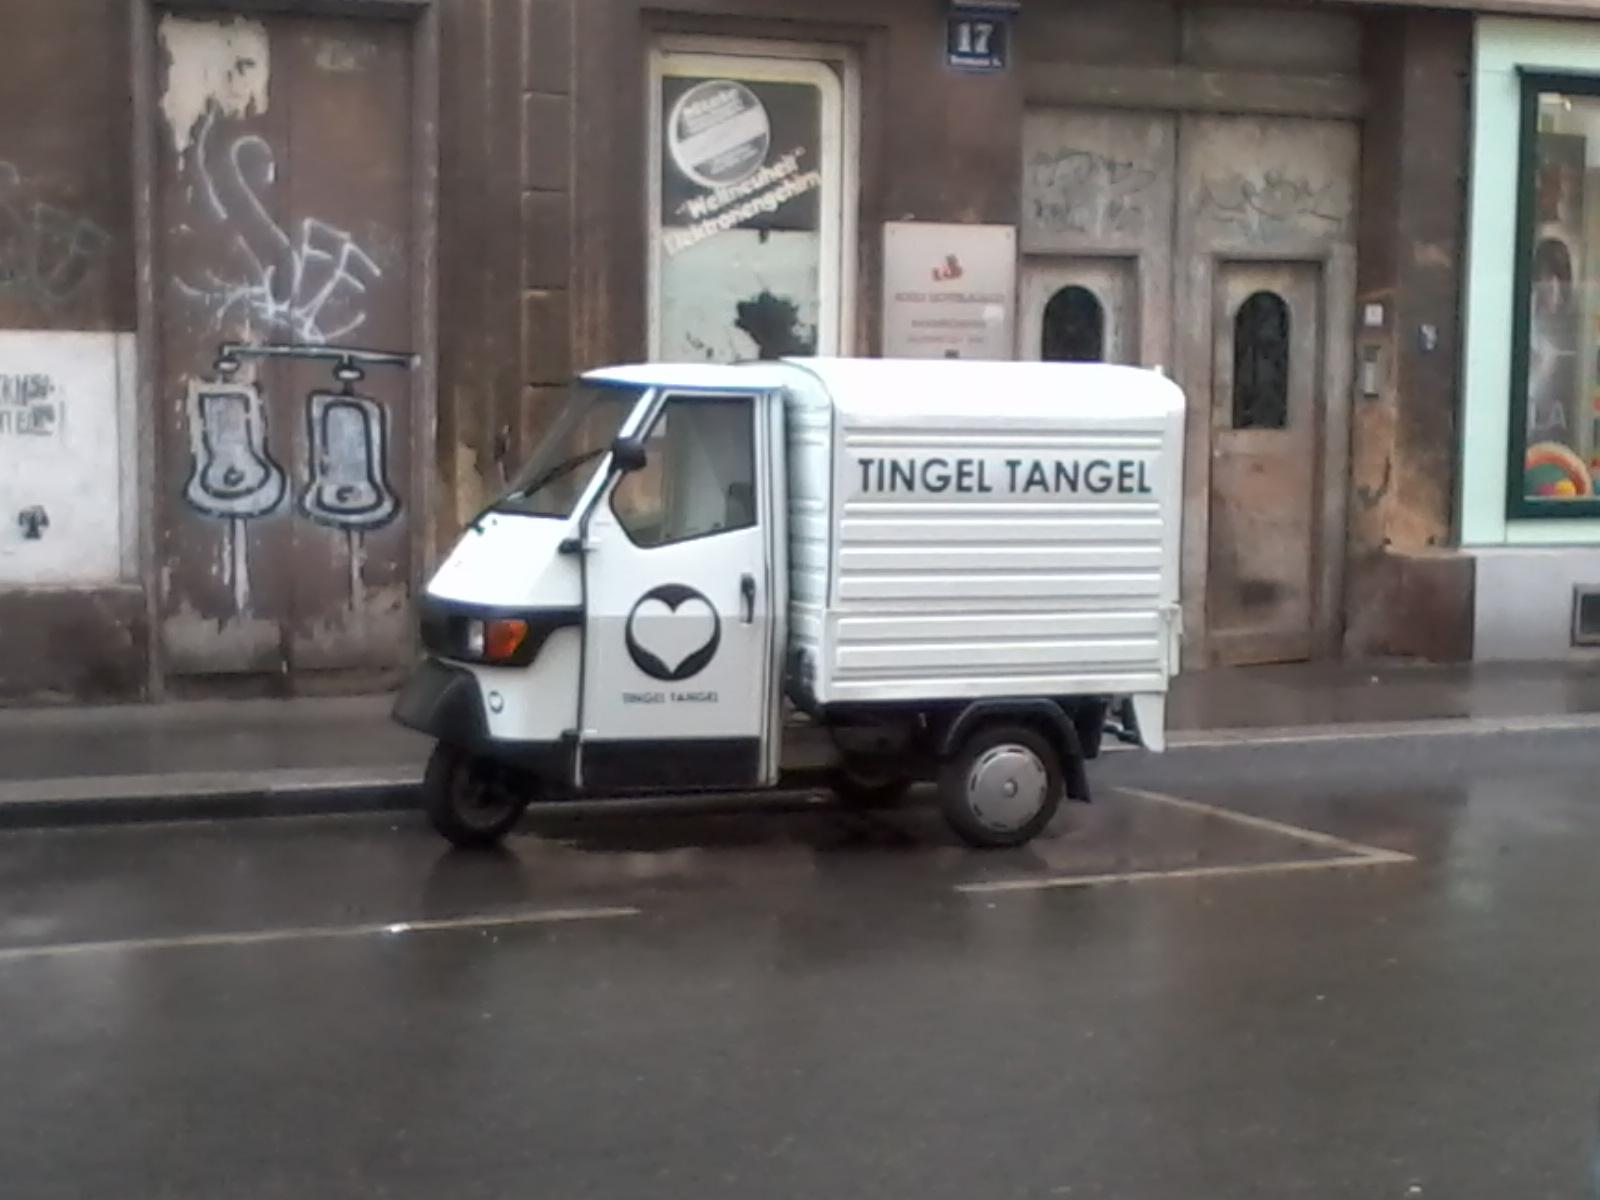 Tingel+Tangel Faszinierend 40 Watt Glühbirne Entspricht Energiesparlampe Dekorationen